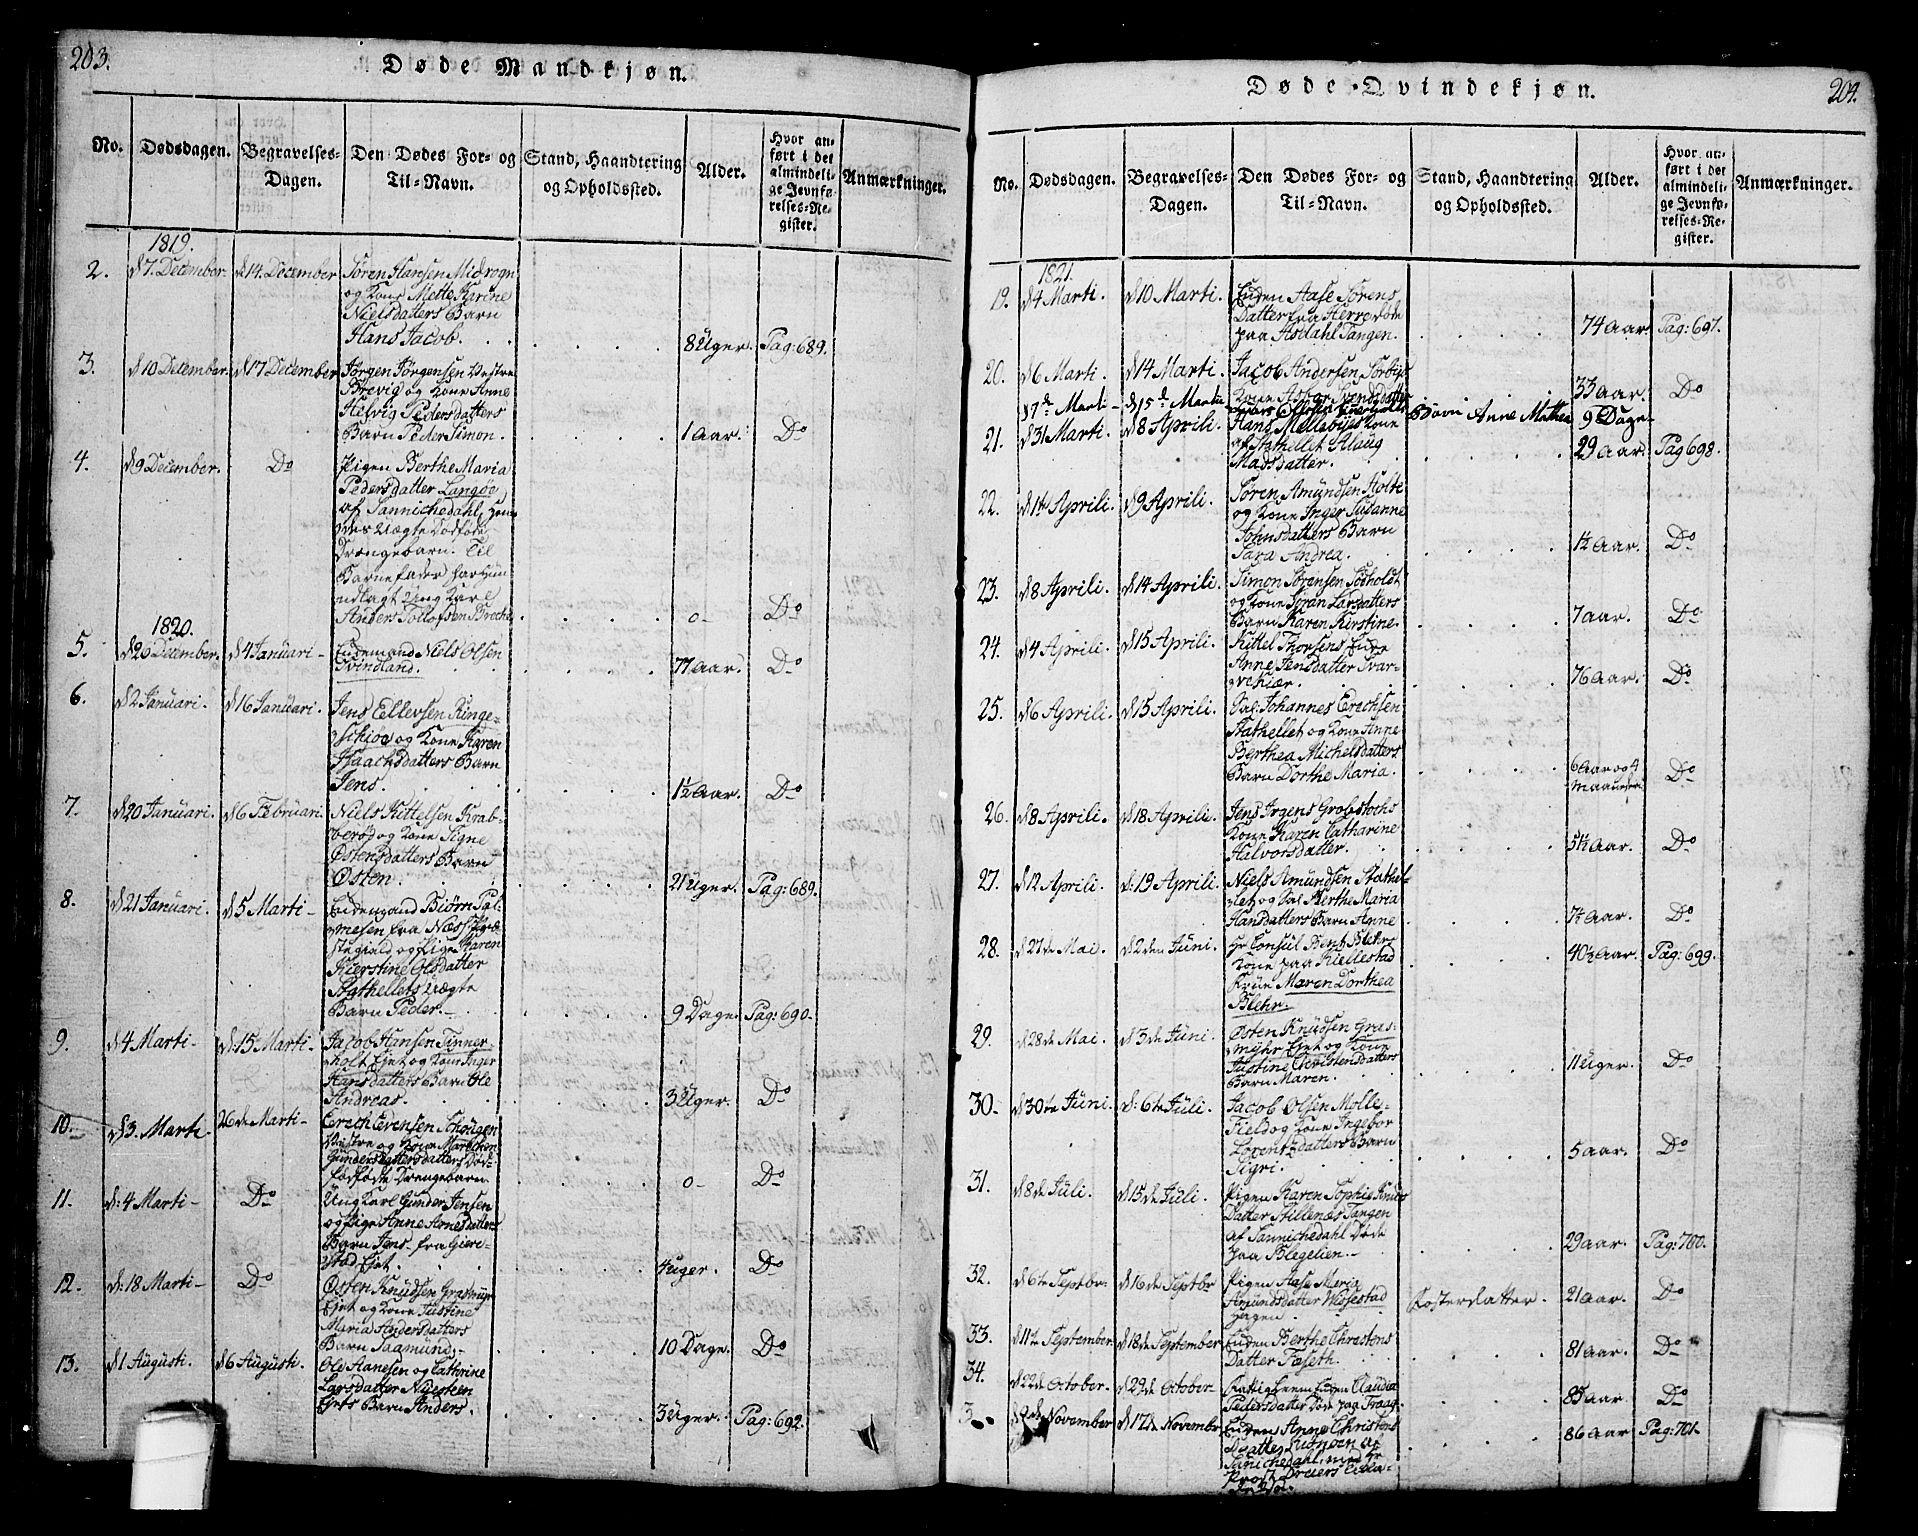 SAKO, Bamble kirkebøker, G/Ga/L0005: Klokkerbok nr. I 5, 1814-1855, s. 203-204